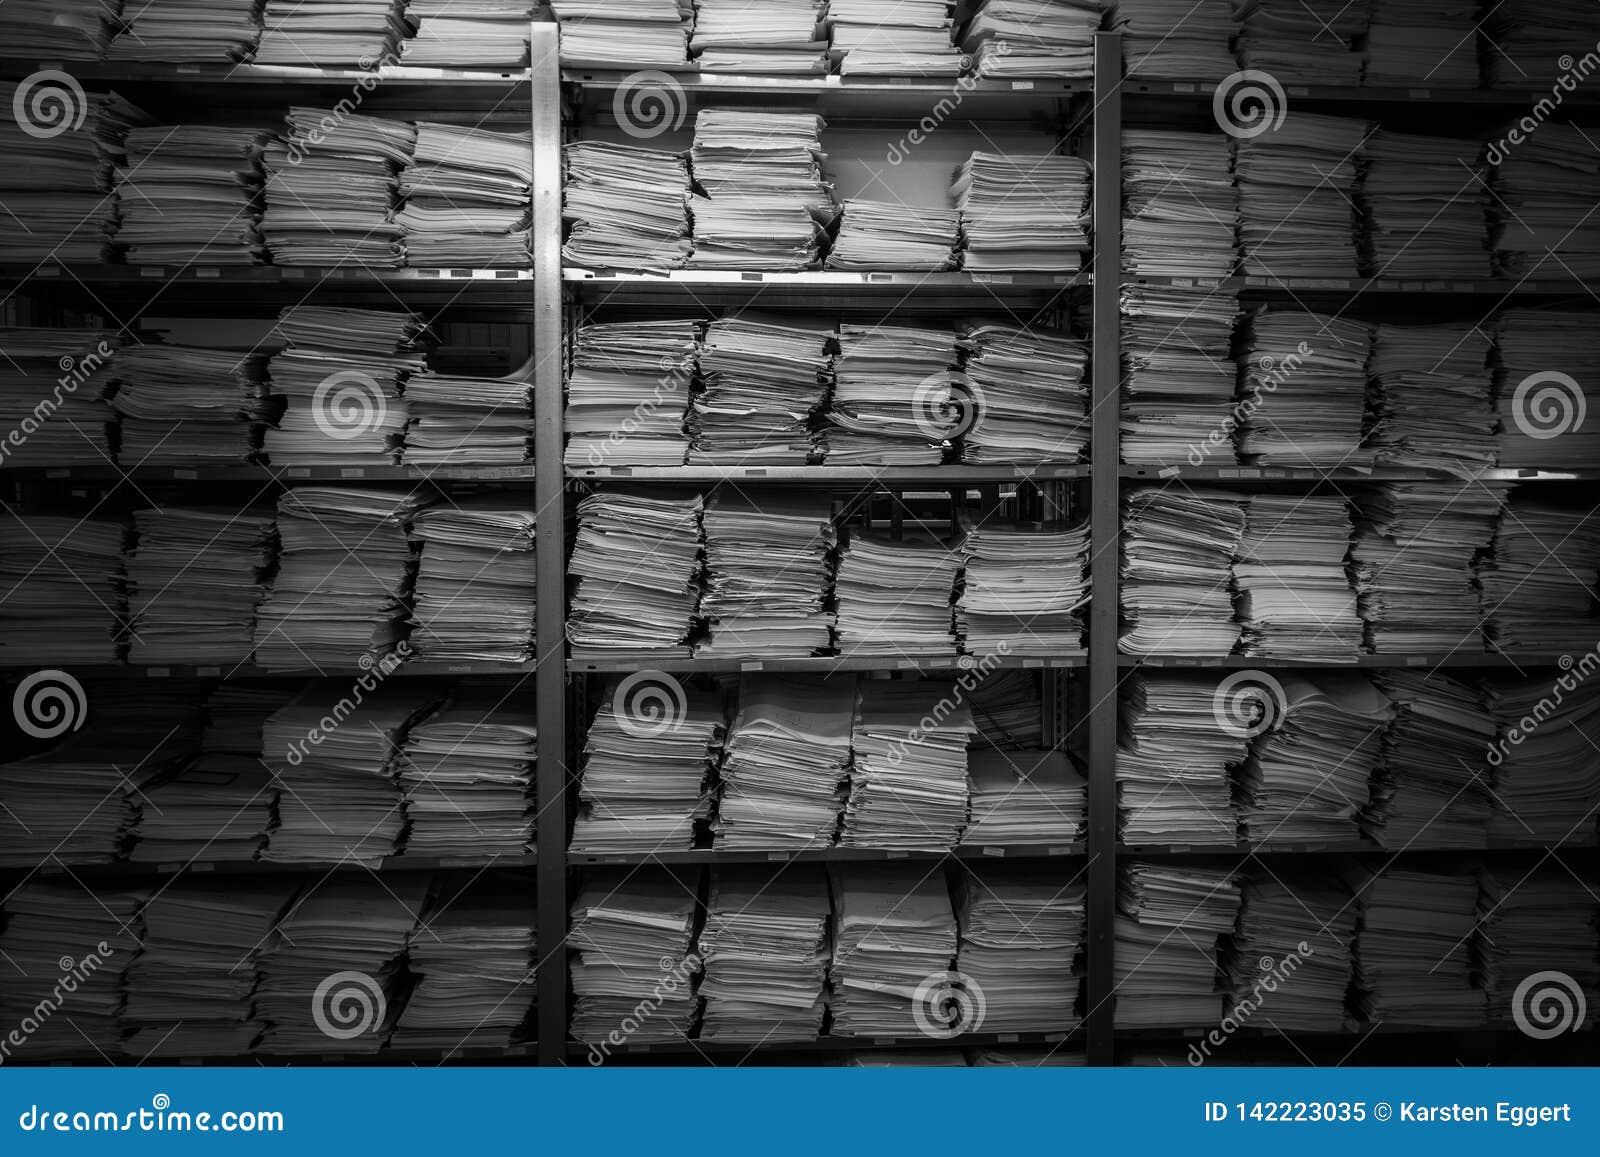 Archives pour des reliures Les papiers sont empilés sur l un l autre